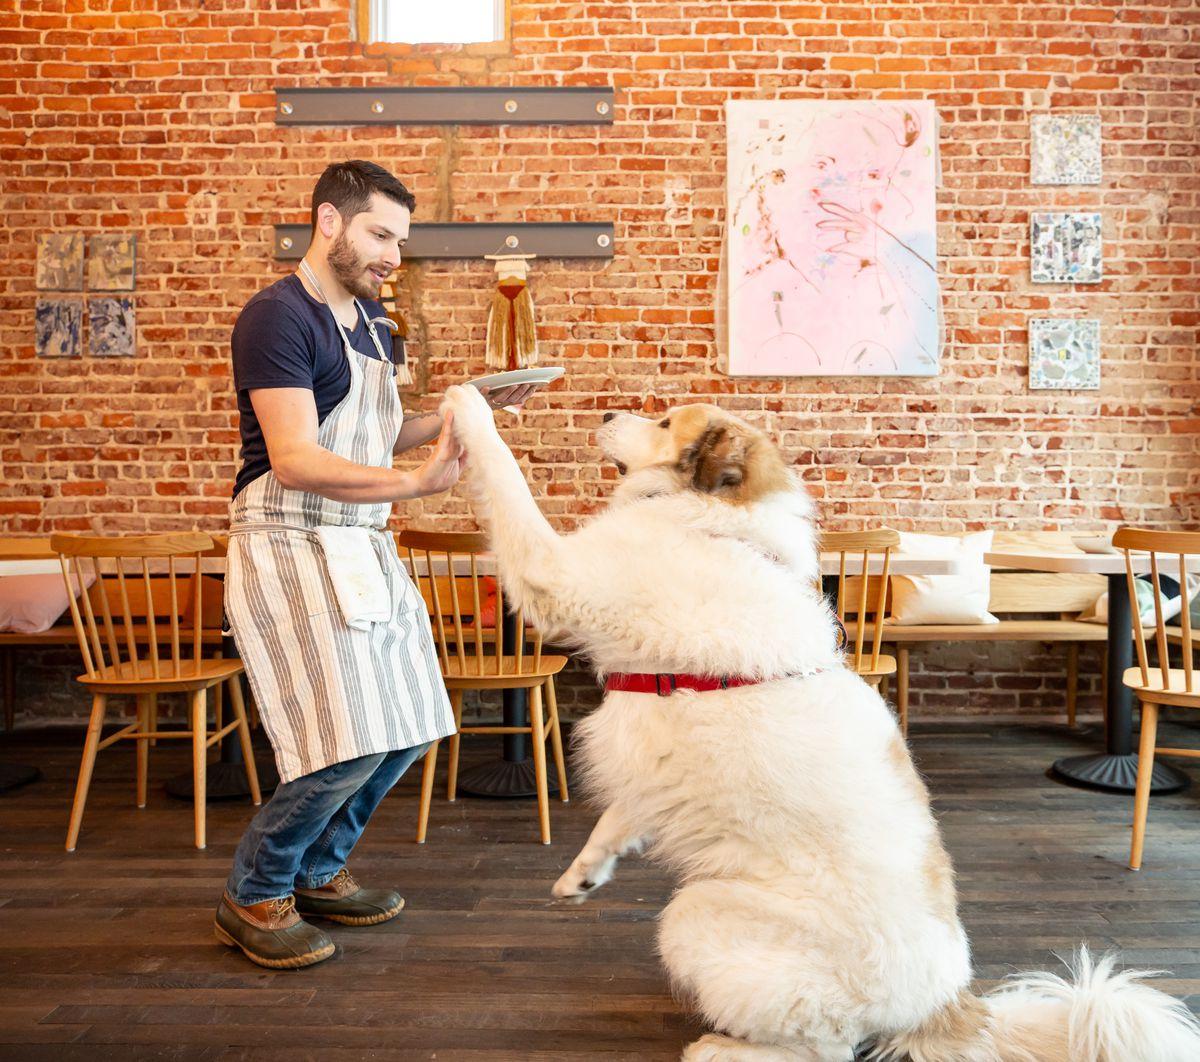 Chef Jarrett Stieber high-fiving Fernando the dog inside the dining room at Little Bear in Summerhill Atlanta